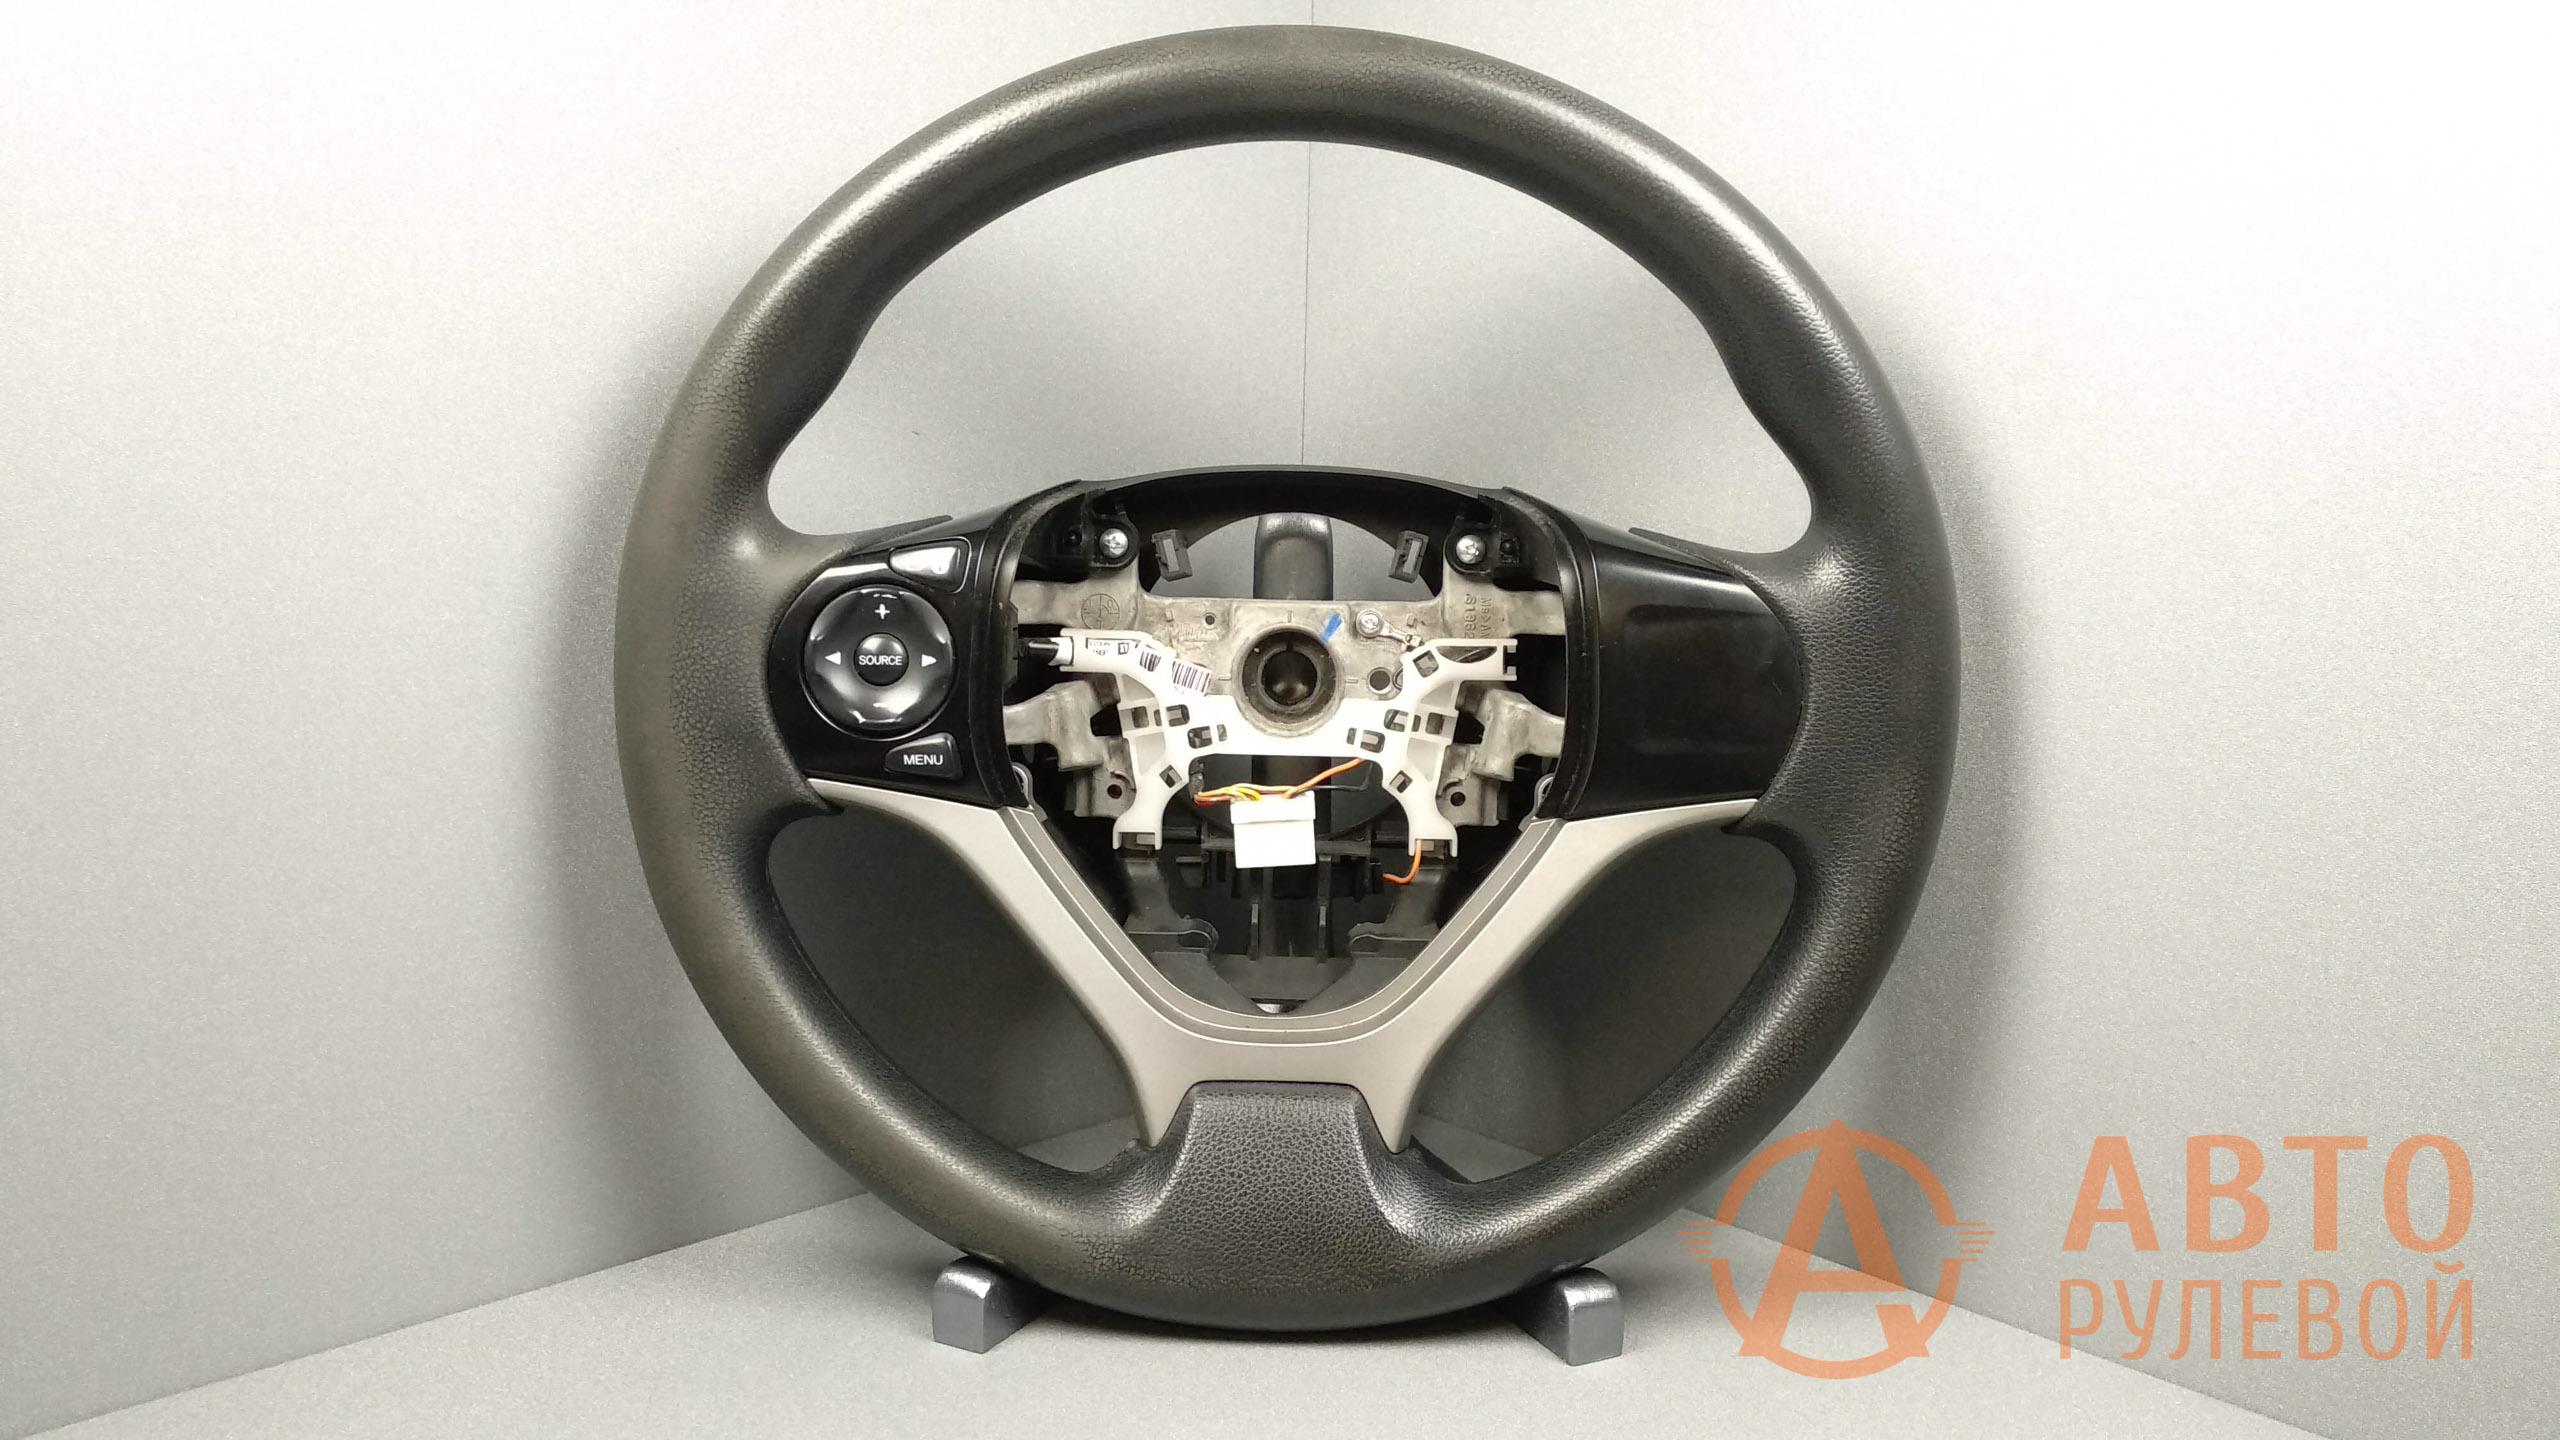 Руль Honda Civic 9 поколение 2012 до перетяжки